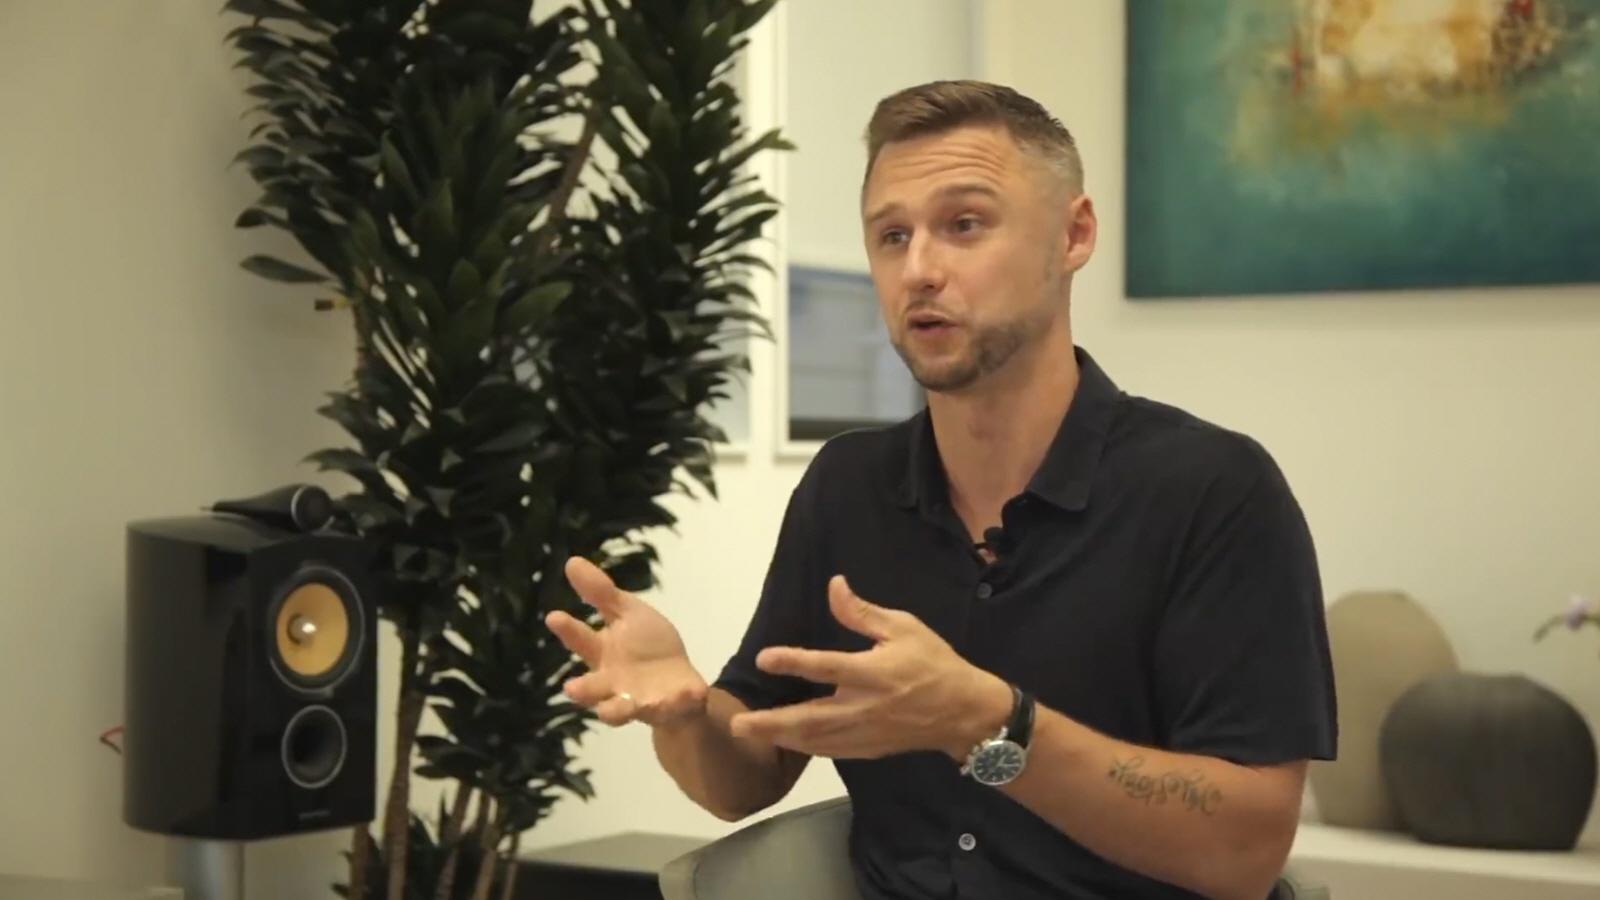 Андрей Дороничев - руководитель направления виртуальной реальности Google